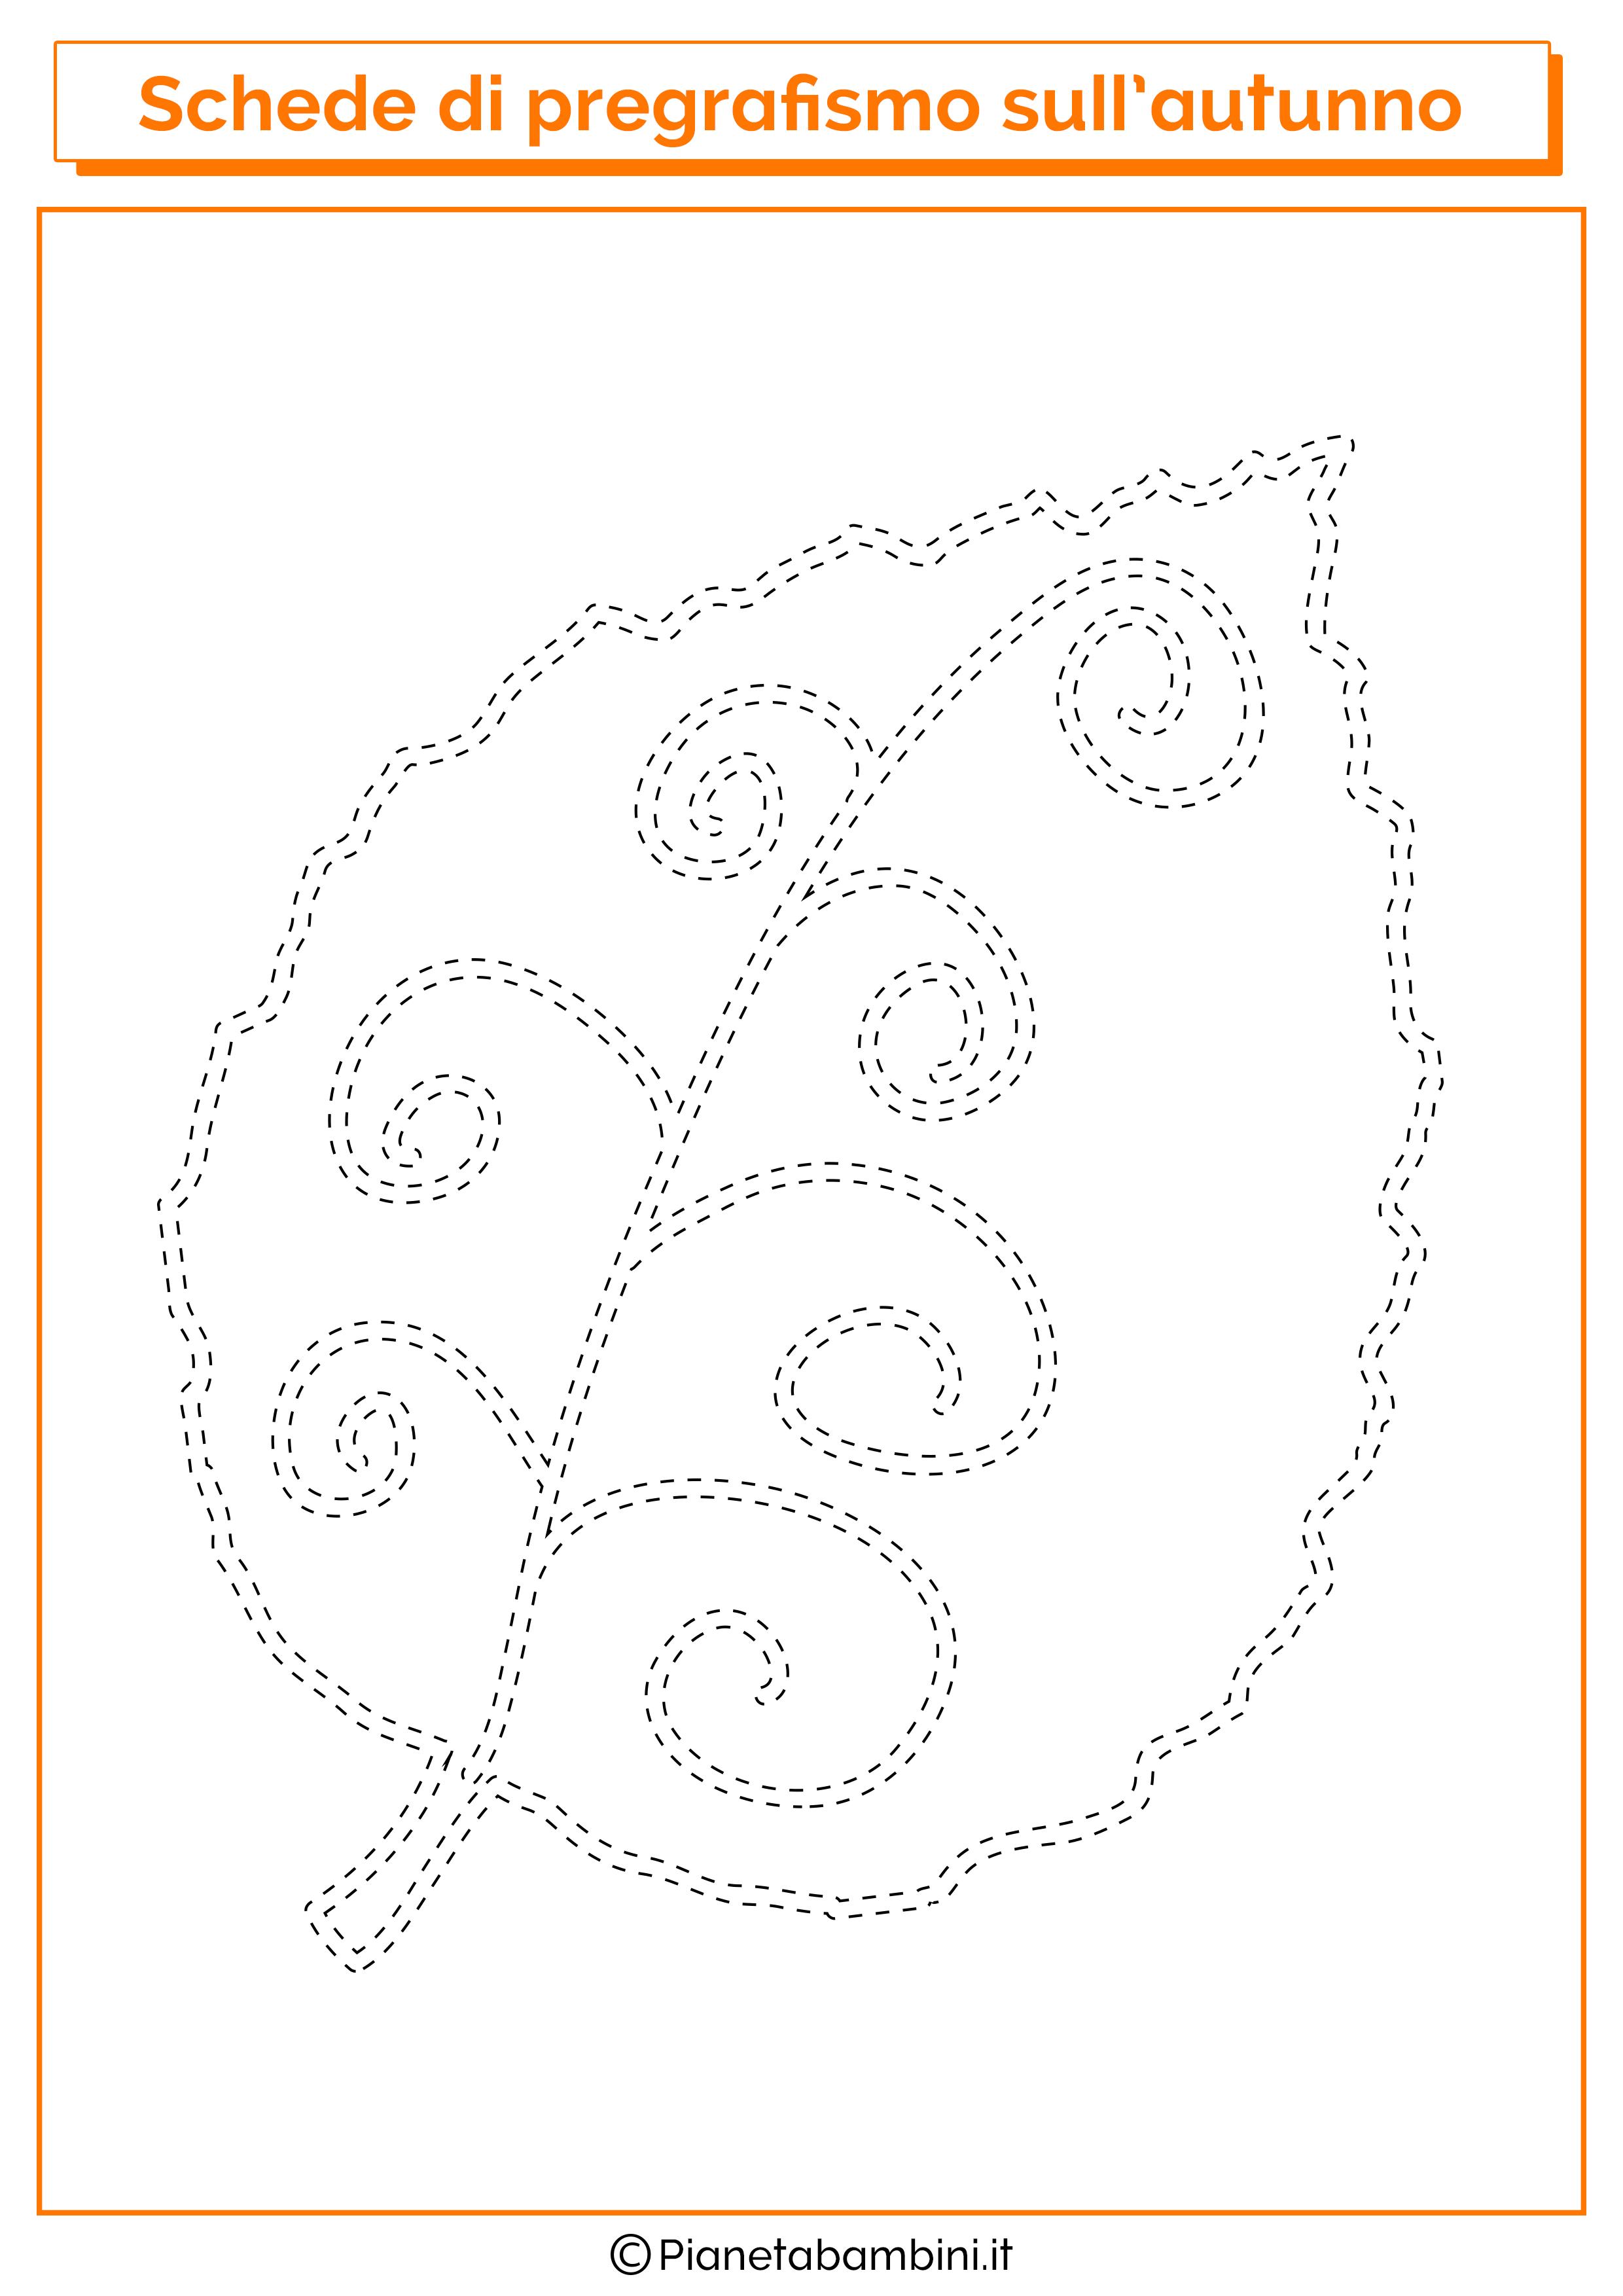 Scheda pregrafismo autunno foglia 1